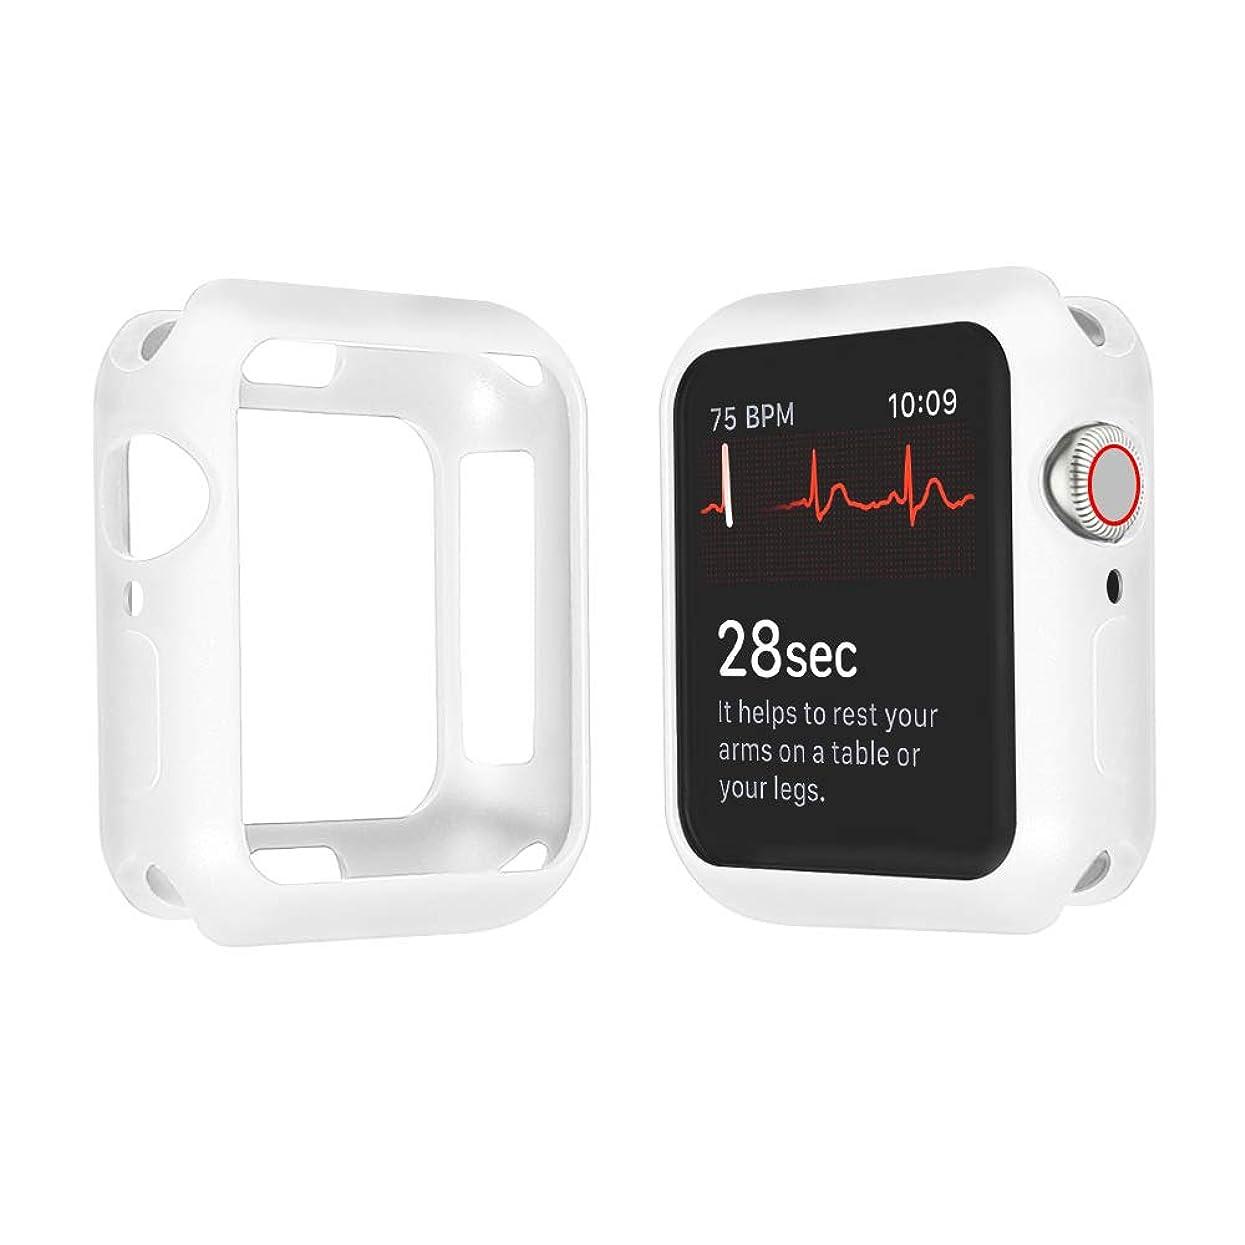 レンチシャーロットブロンテ病んでいるApple Watch Series 4 44mm/40mm ケース, 全面保護 耐衝撃 ソフトTPUウォッチケースシンプルファッション第4世代のApple Watchに最適(44mm 40mm)(44mm, 白)